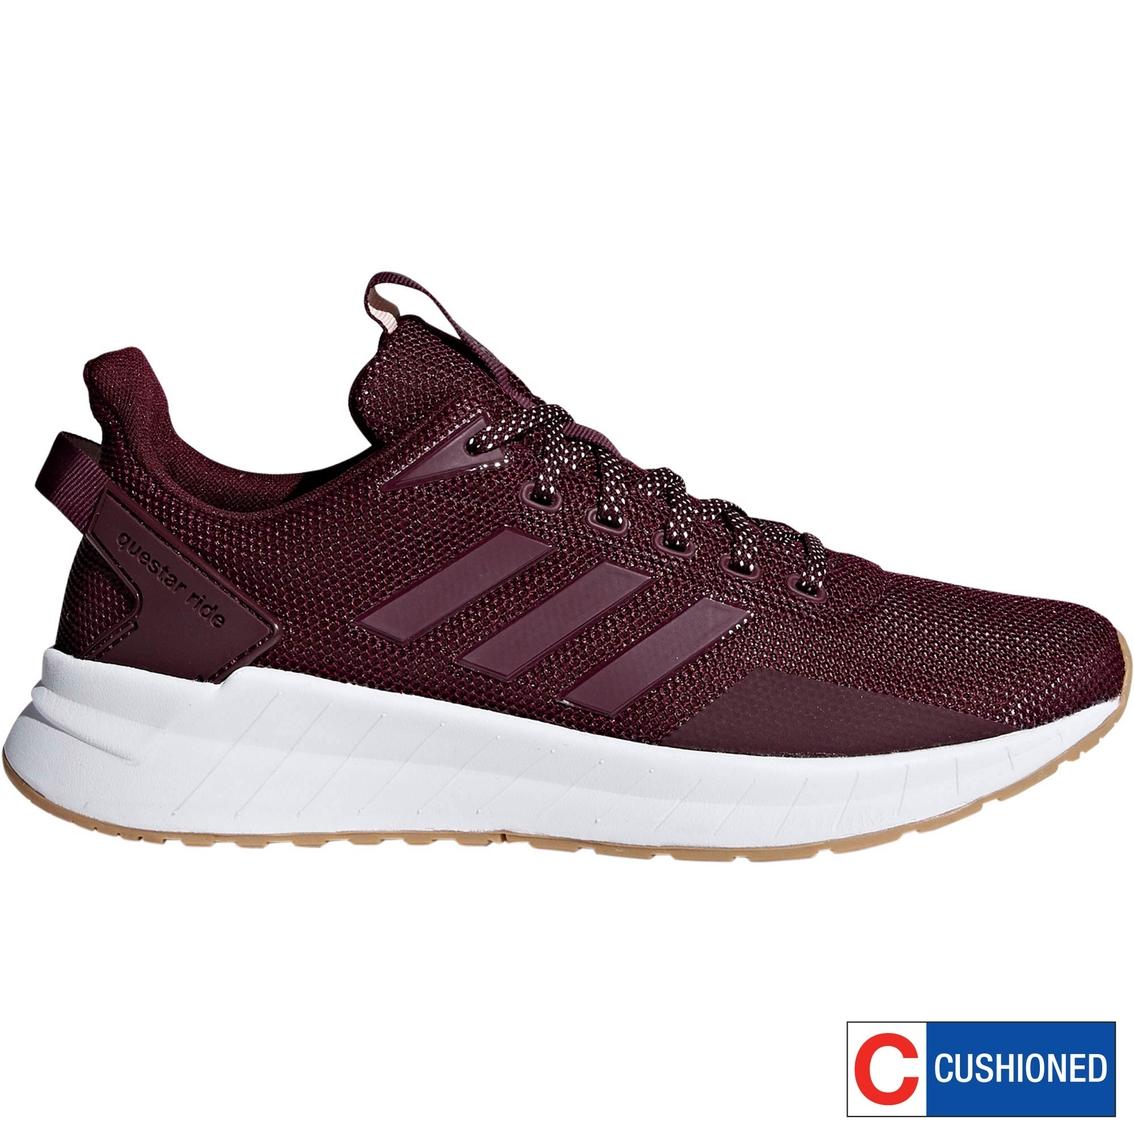 best service 96b50 04085 adidas Women s Questar Ride Running Shoes